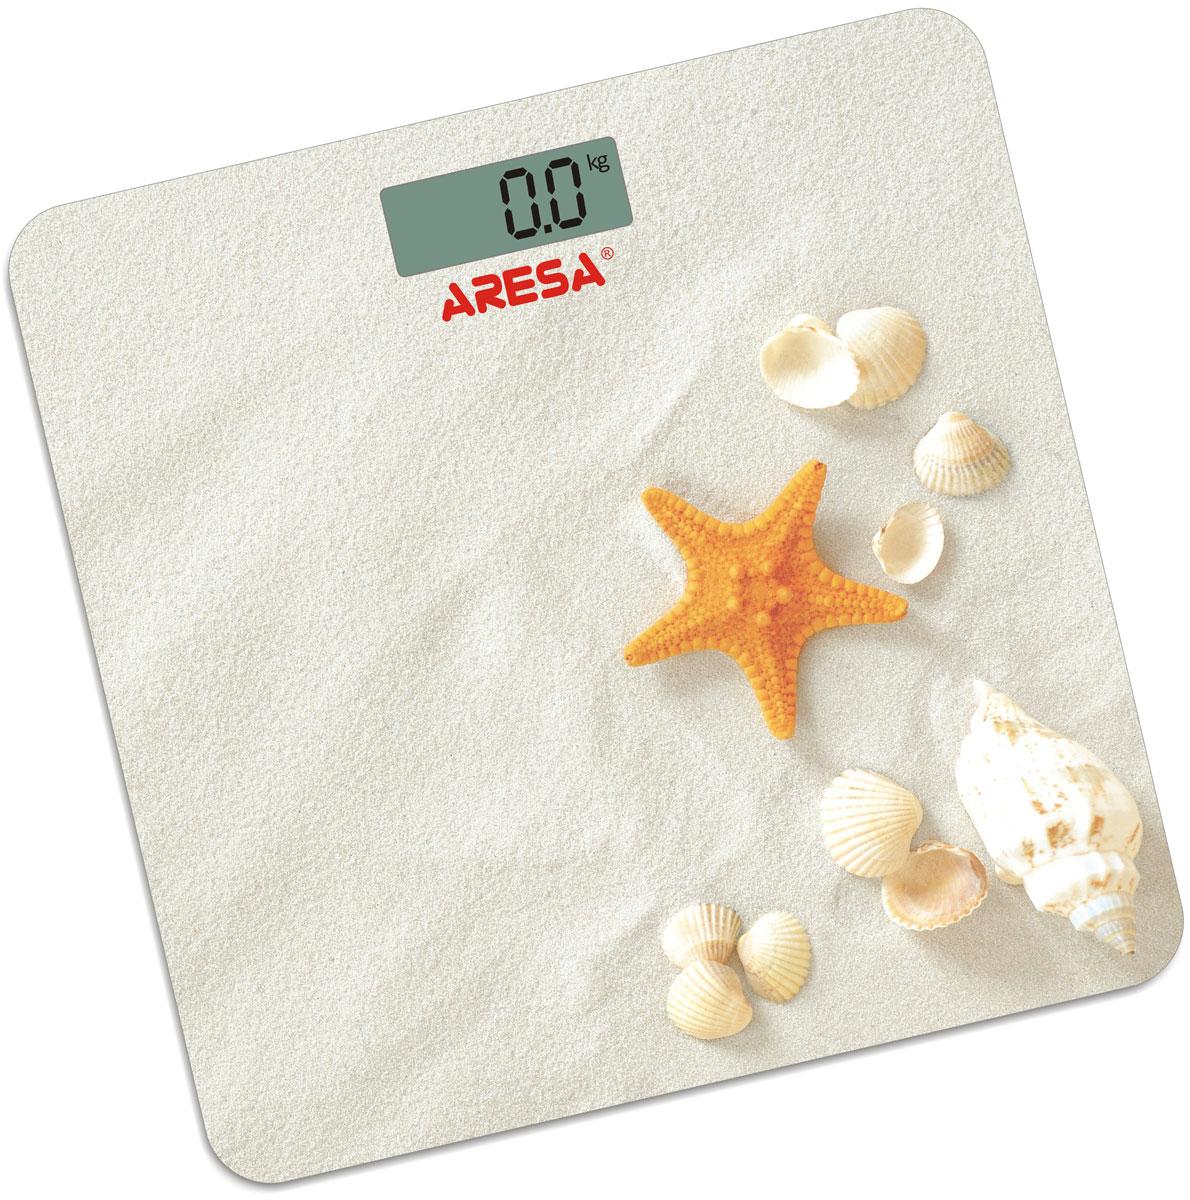 Aresa SB-305 напольные весыSB-305Напольные электронные весы Aresa SB-305 - неотъемлемый атрибут здорового образа жизни. Они необходимы тем, кто следит за своим здоровьем, весом, ведет активный образ жизни, занимается спортом и фитнесом. Очень удобны для будущих мам, постоянно контролирующих прибавку в весе, также рекомендуются родителям, внимательно следящим за весом своих детей. Минимальная нагрузка: 2,5 кг